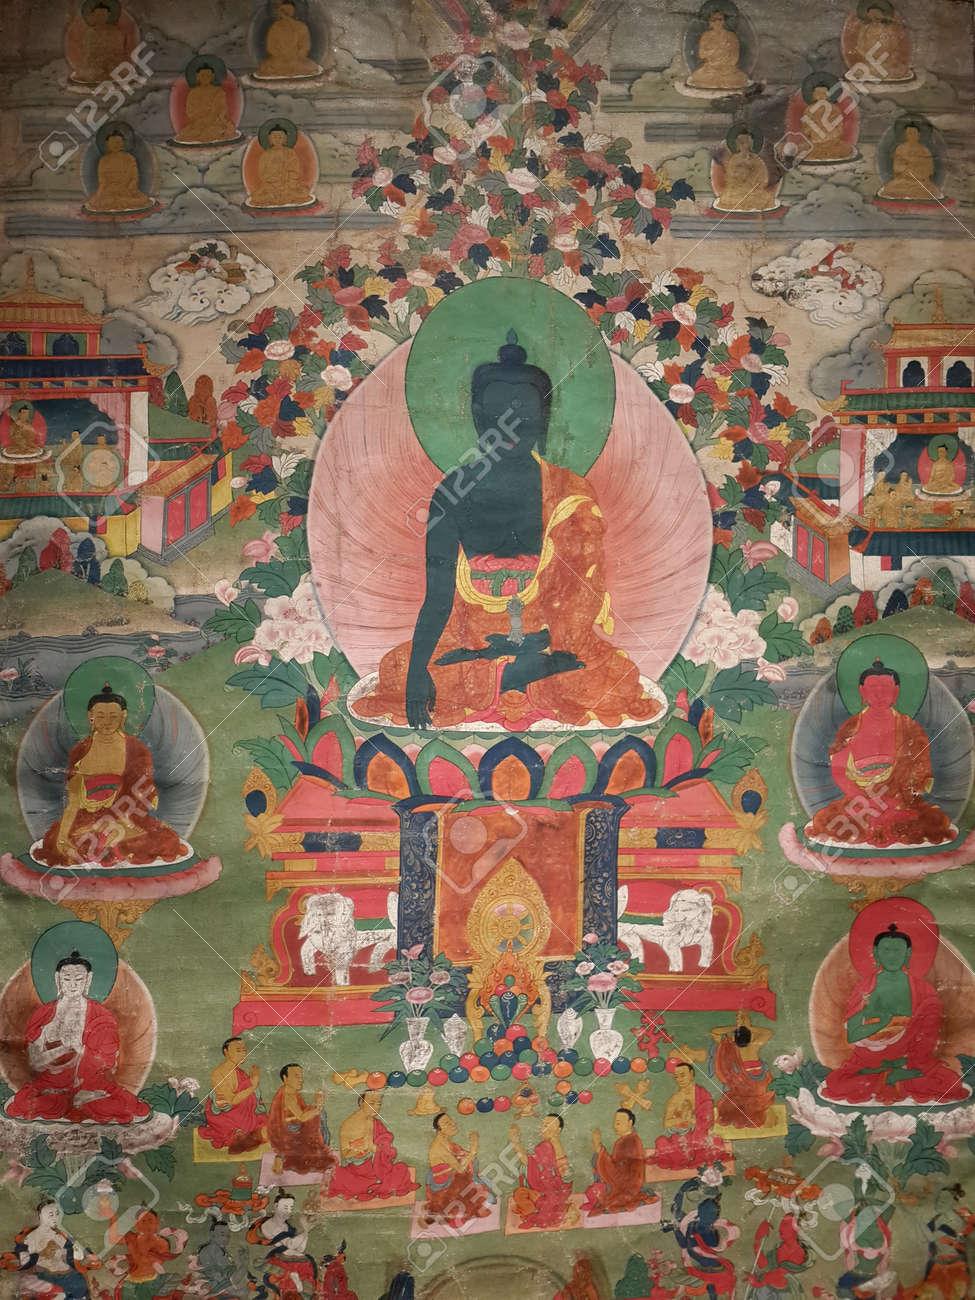 中国古代 Tangka と仏教美術 の...